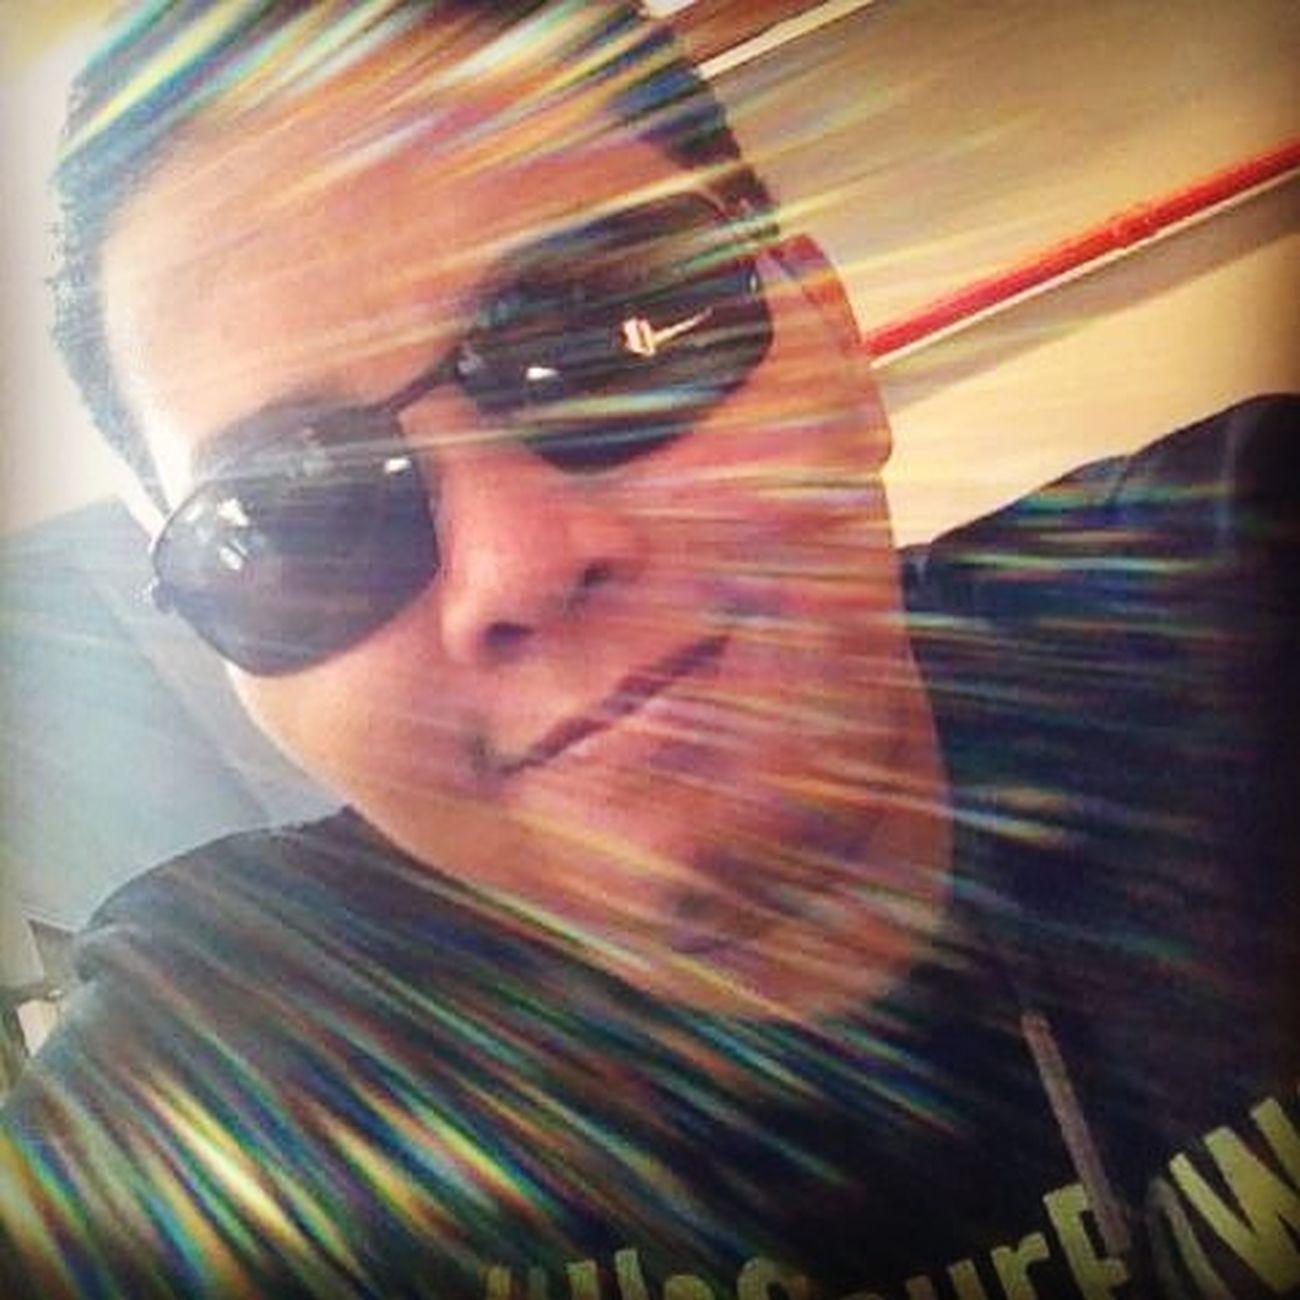 Effects Me Selfie Outofboredom Clicks Shutter